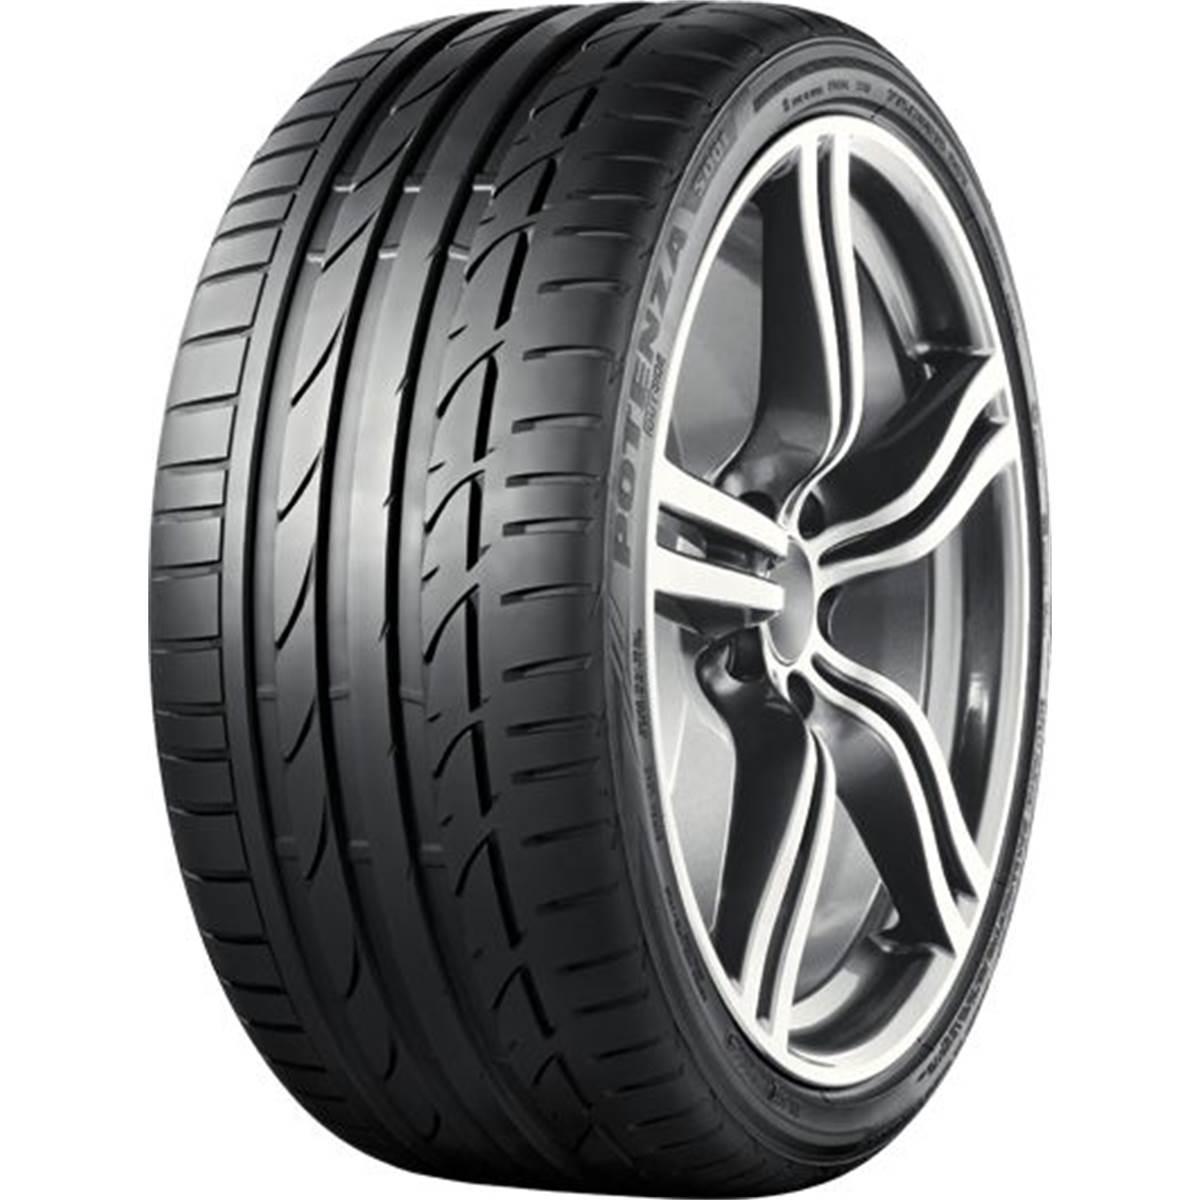 Pneu Bridgestone 295/30R19 100Y Potenza S001 XL